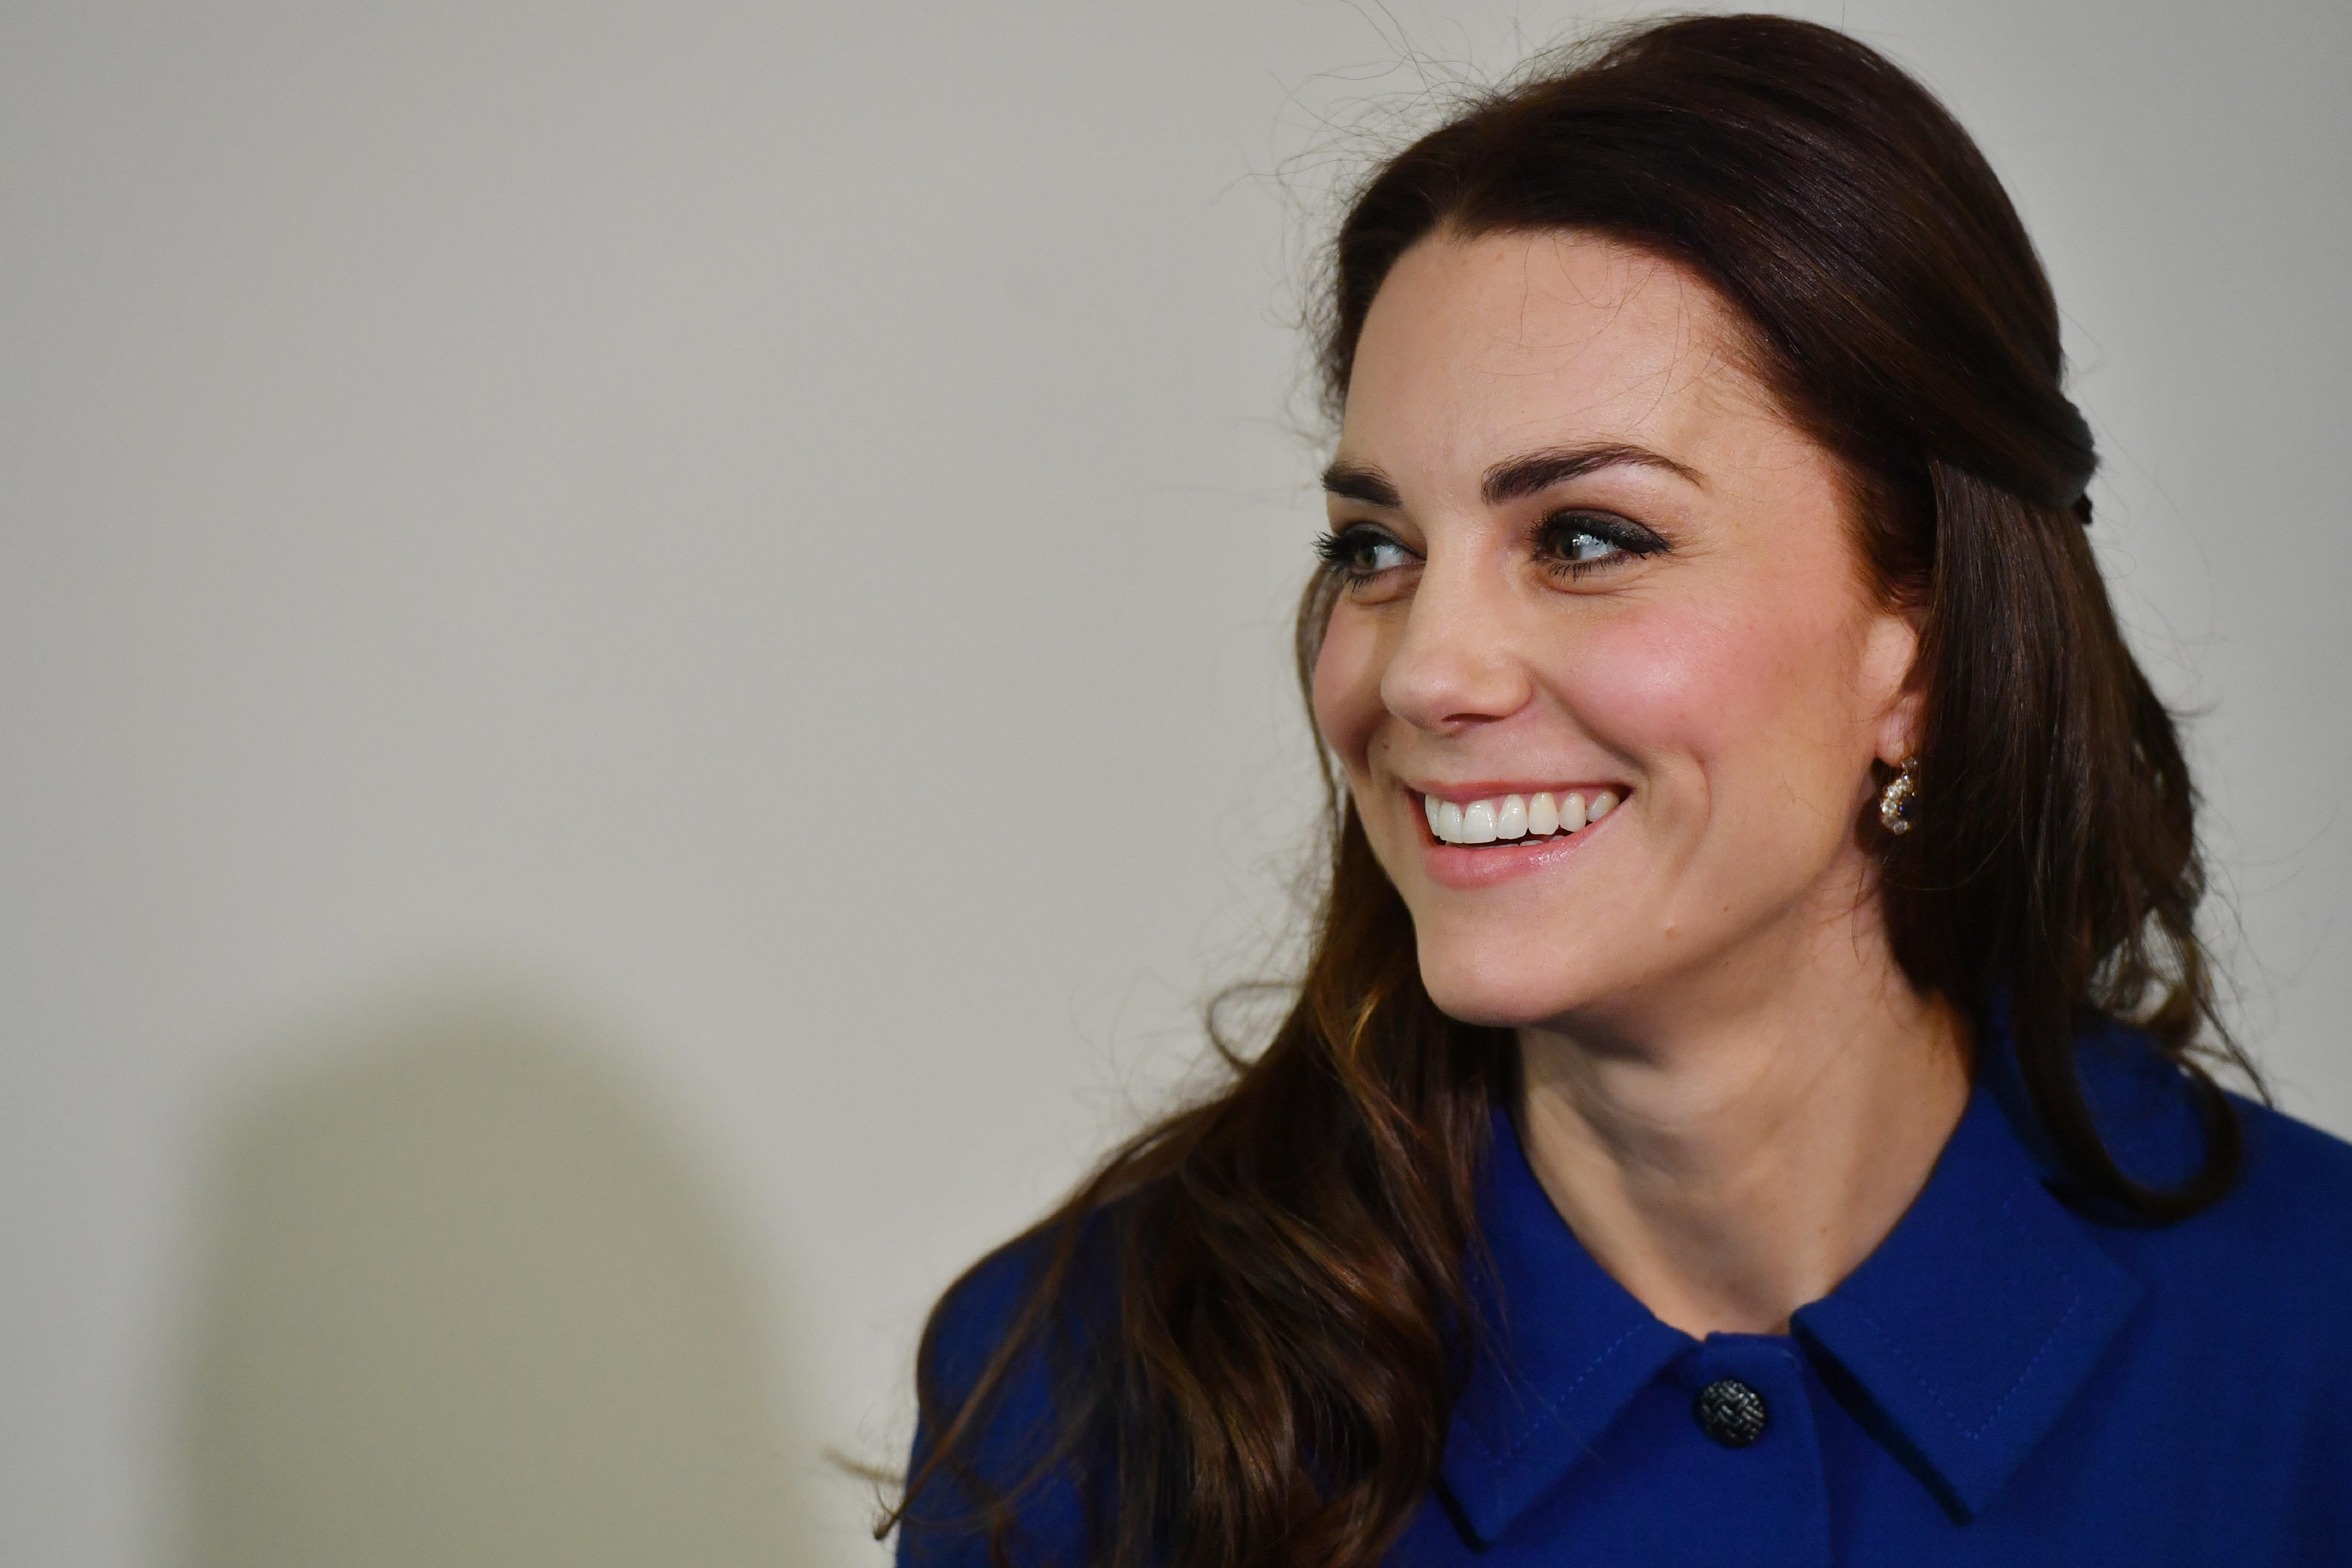 """За първото си официално събитие през 2017-а година Кейт Мидълтън се появи в елегантно палто тип рокля в кралско синьо, дело на български дизайнер. Дизайнът е на Петър Петров, който работи за английската марка """"Епонин"""". Фирмата е известна със стилните си дрехи в стилистиката на 50-те и 60-те години. Съпругата на принц Уилям избира за втори път техен тоалет."""